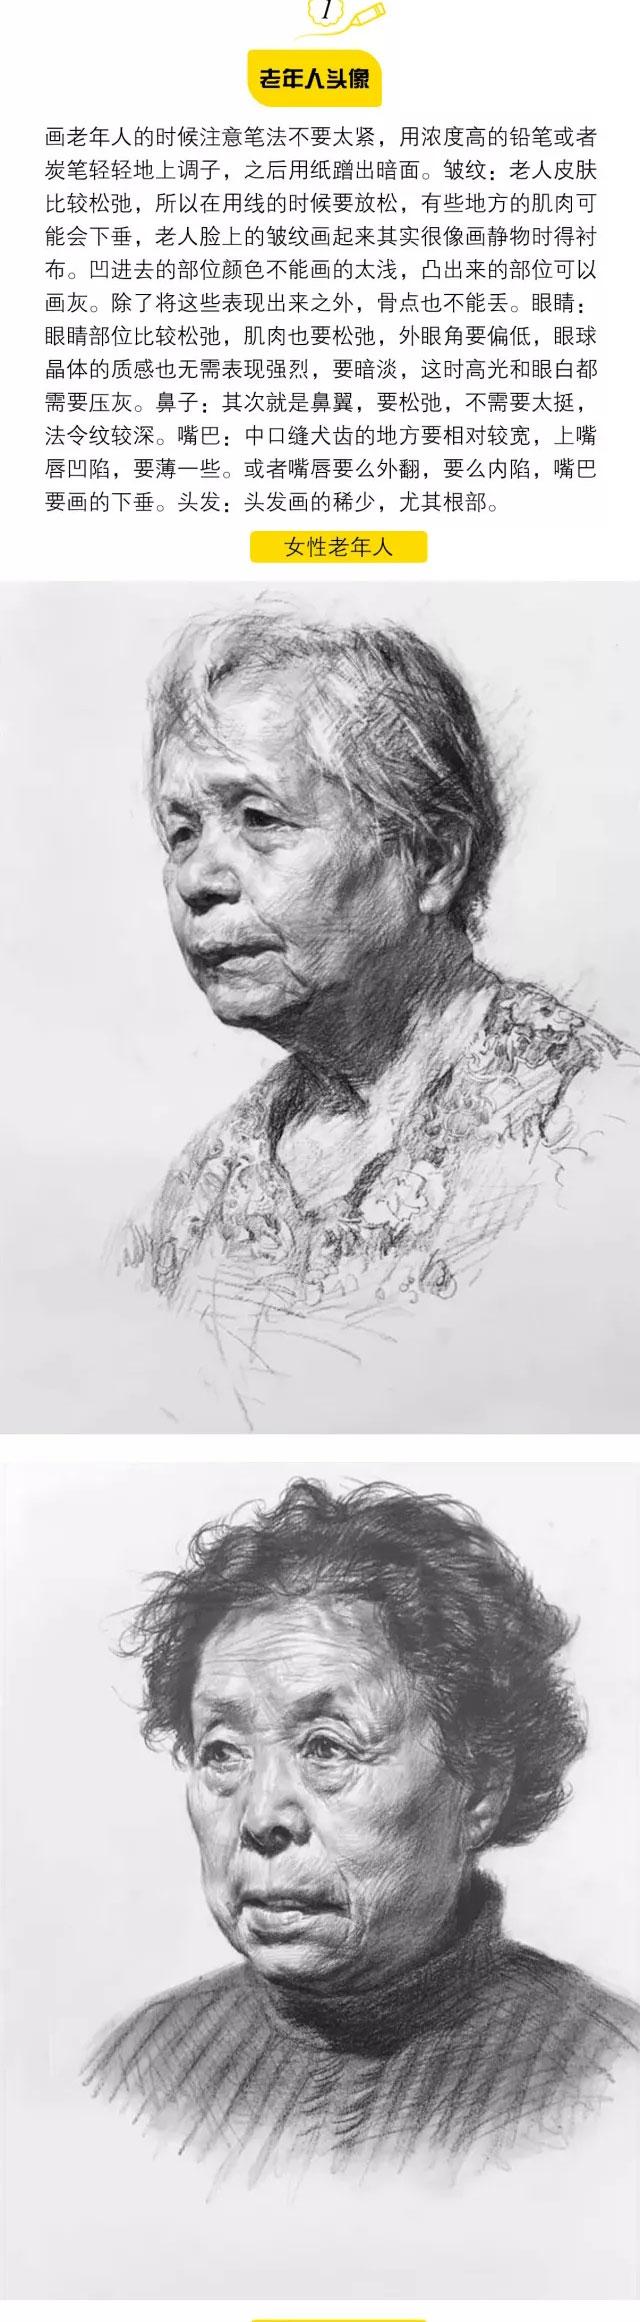 广州素描培训画室,广州人艺画室